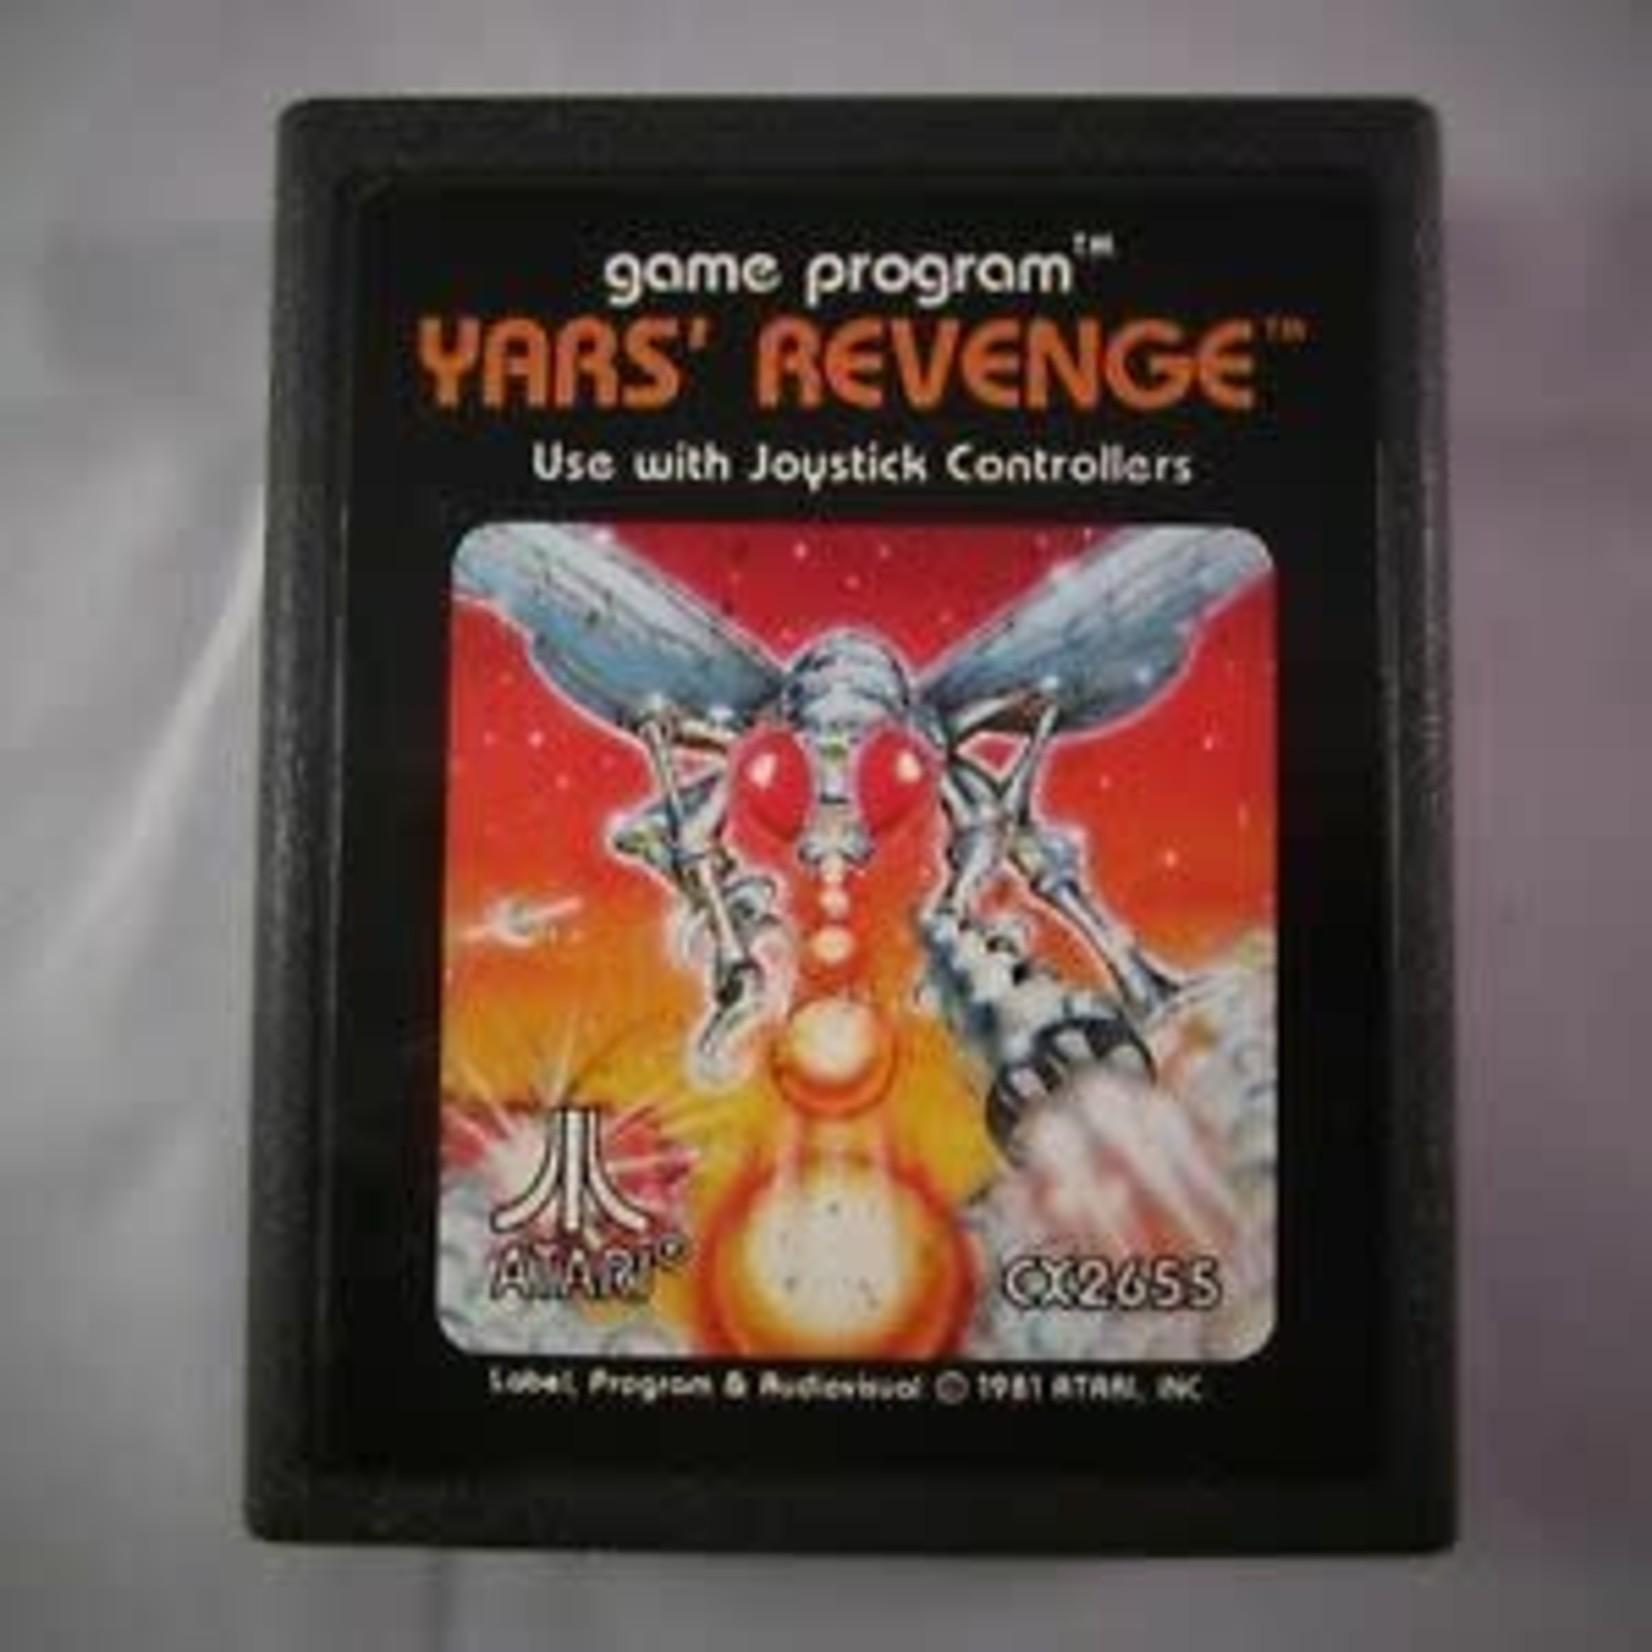 ATARIU-Yars' Revenge (CART ONLY)